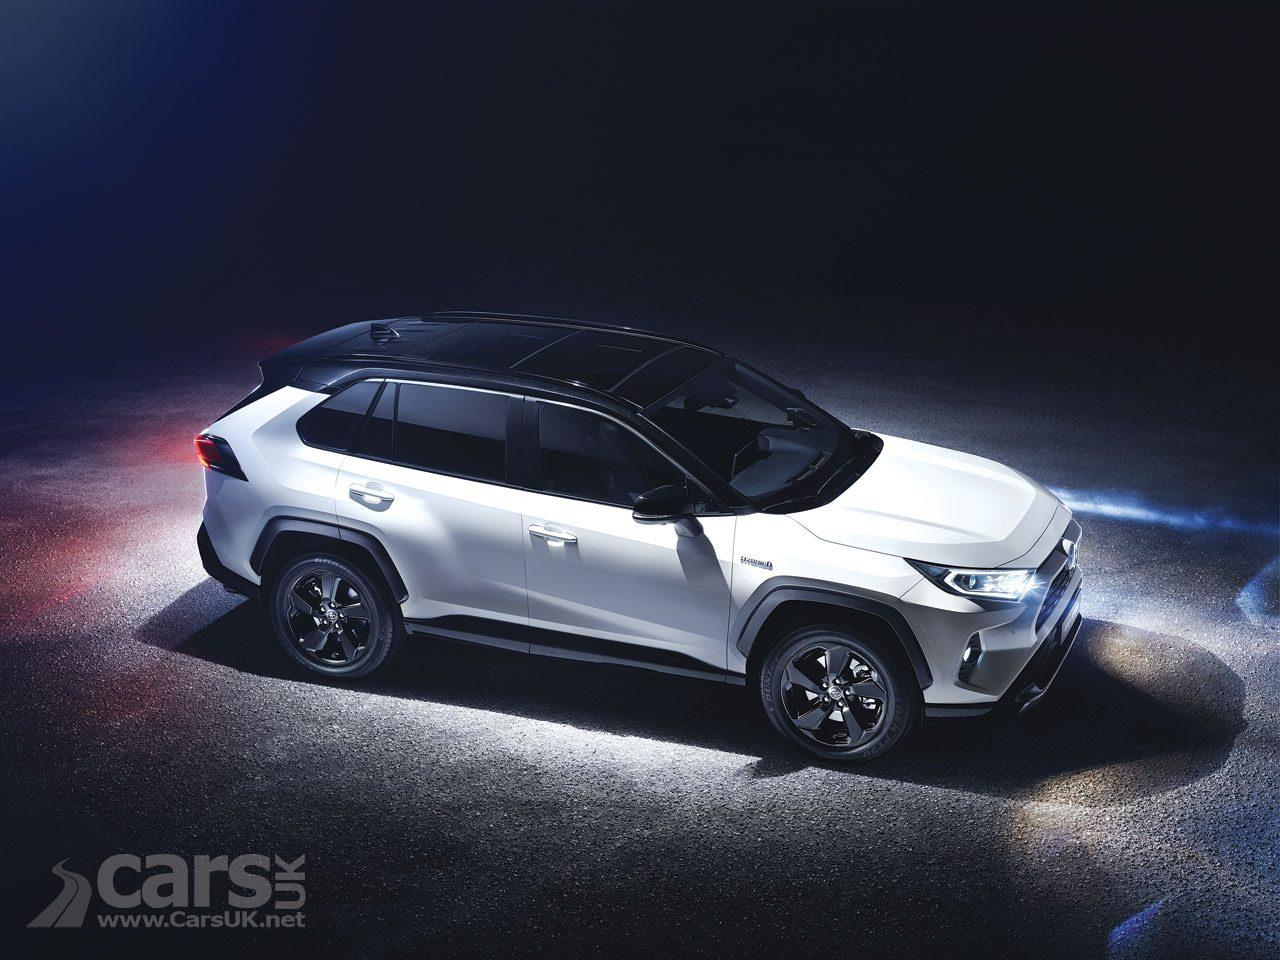 New Toyota RAV4 REVEALED